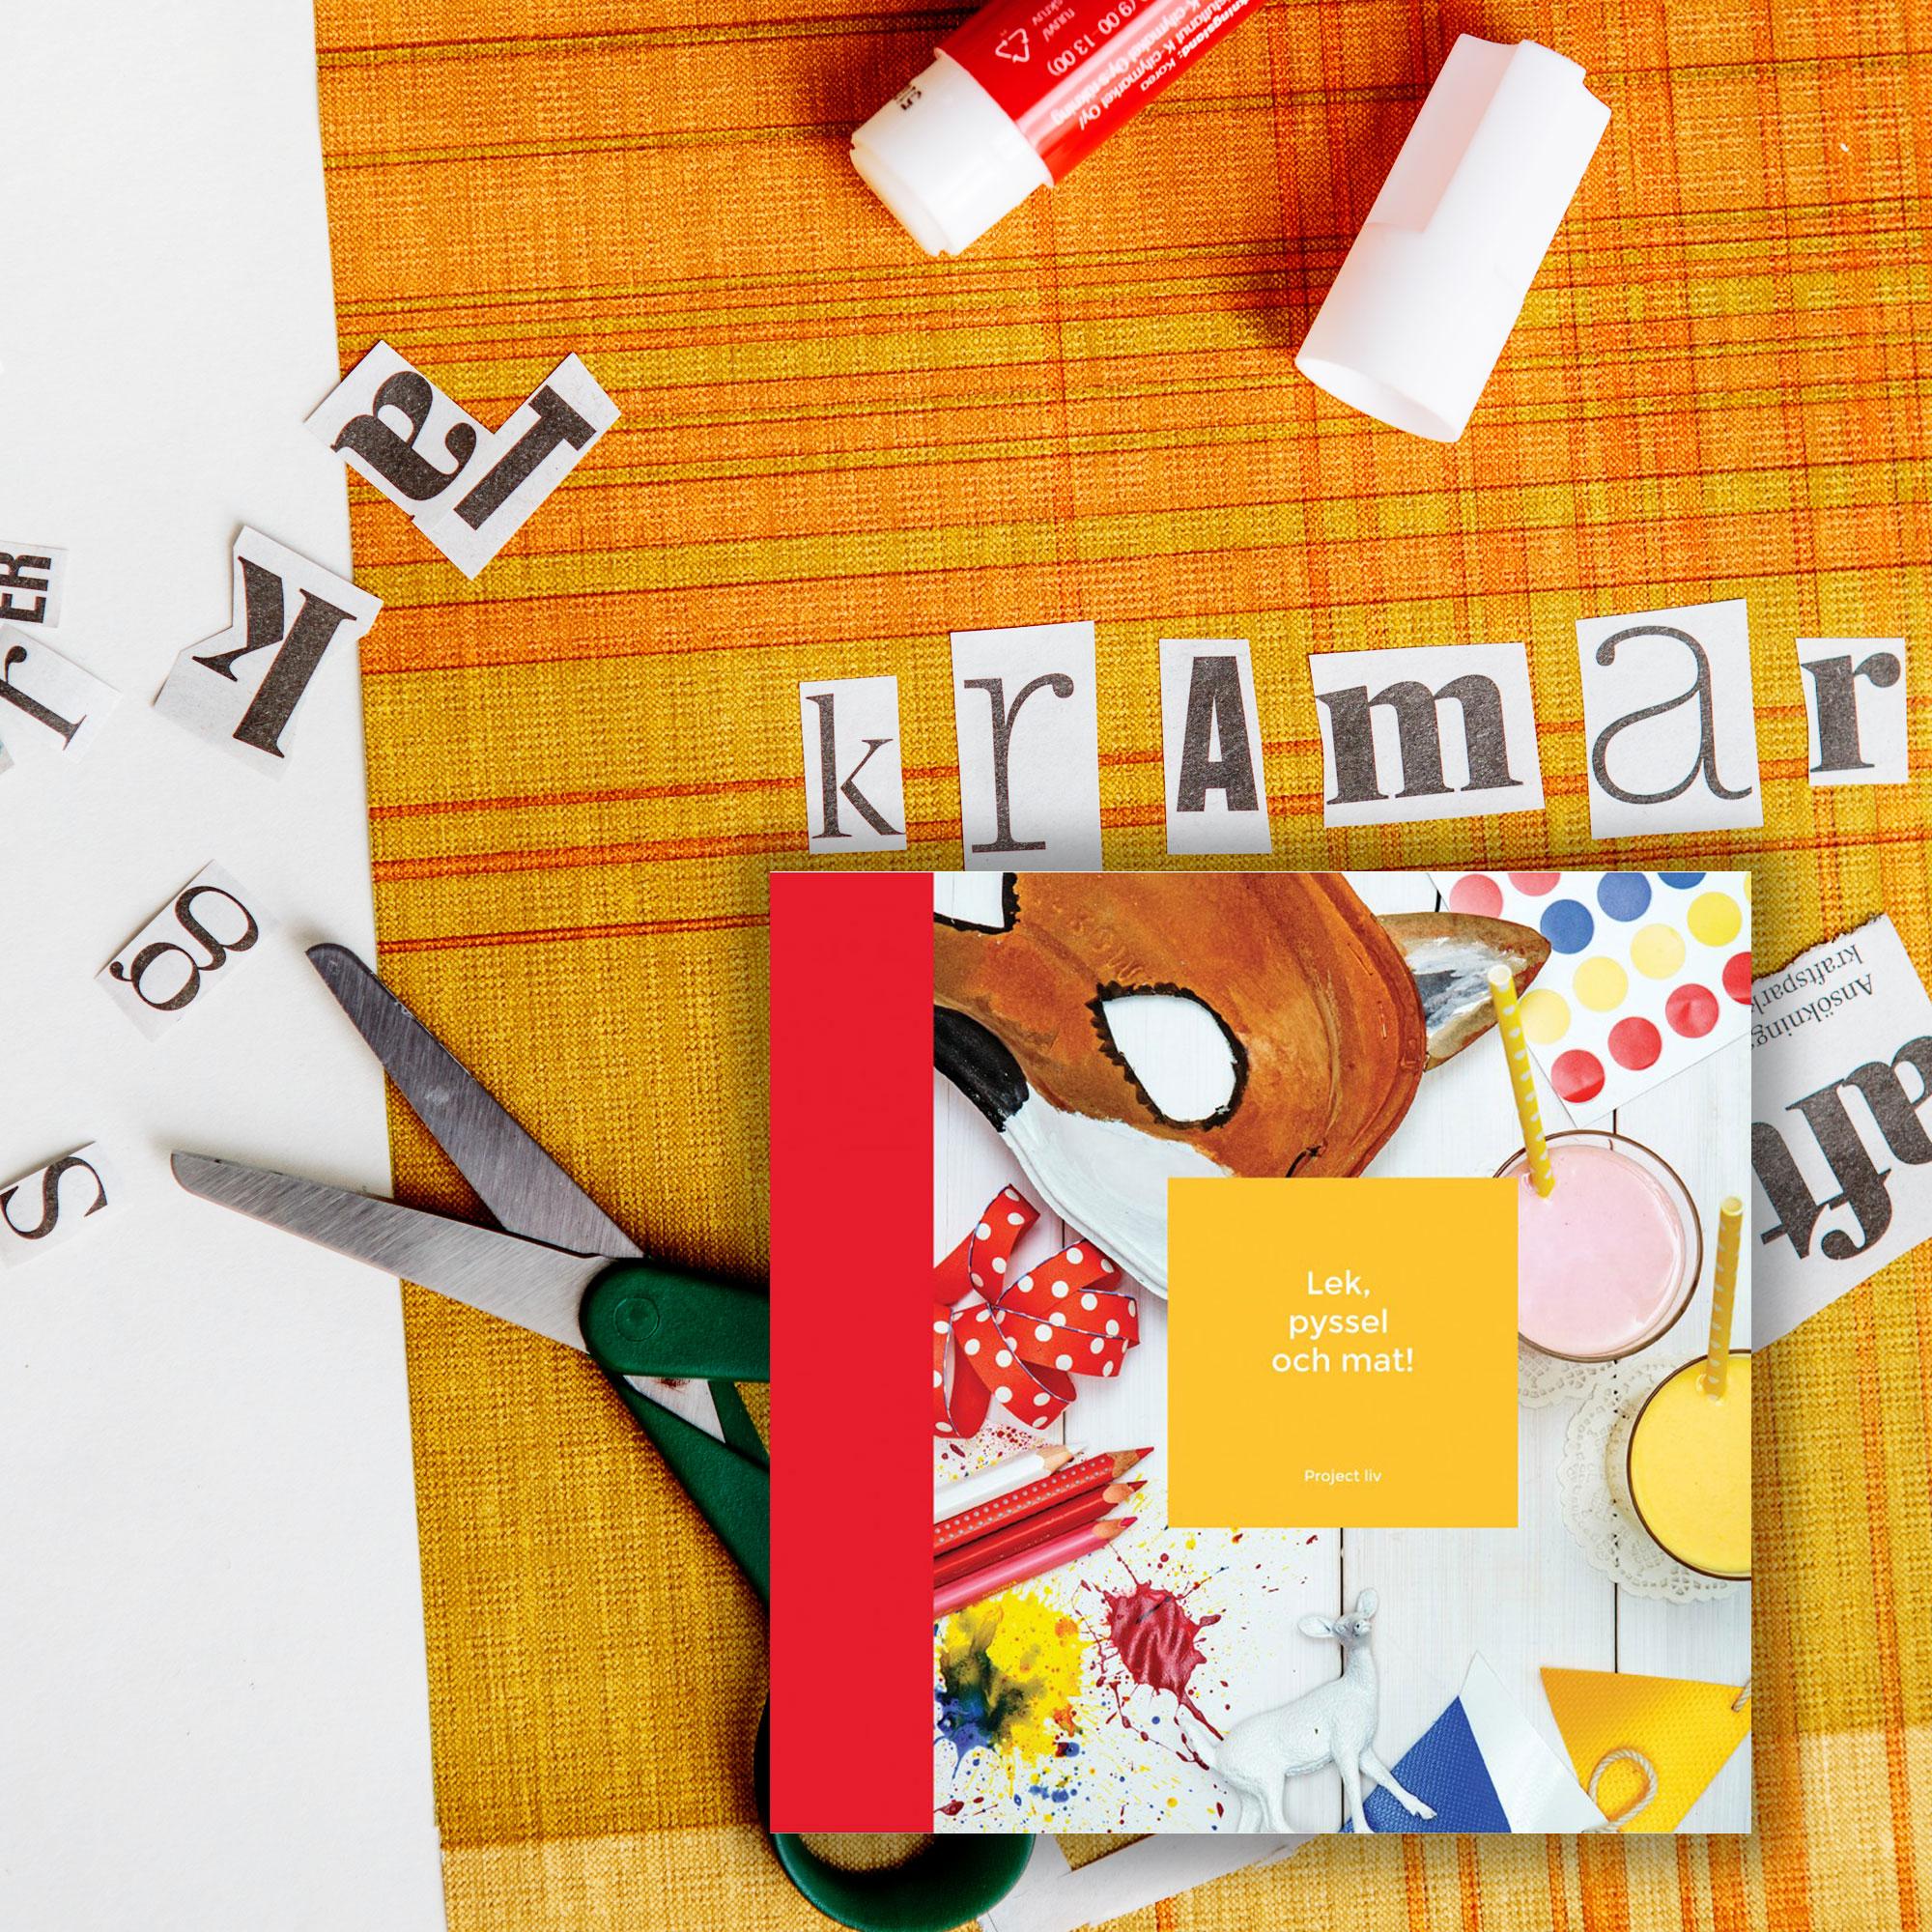 Project Liv (2016) - Boken utgår från de långtidssjuka familjernas behov, men kan tas fram av vem som helst en regnig och tråkig dag, både på sjukhus och hemma.Lek, pyssel och mat är formgiven av Magnus Lindström, fotograferad av Linus Lindholm mfl. och producerad av Johanna Stenback. Vi har med hjälp av många inspirerande kreatörer så som stjärnkockarna Paul Svensson och Michael Björklund, matbloggaren och stylisten Anna Granér, BUU-programledaren och pysslaren Hanna Enlund, bokstavsillustratören Sofie Björkgren-Näse, utepedagogen Ida Kronholm och dramapedagogerna Dialog - ett dramapedagogiskt kollektiv och Malin Olkkola samlat lekar, recept och pyssel. Därtill har föräldrarna Mika Eklund och Linda Ramadani, programledaren och extremsportaren Aron Andersson och flickan med sitt tredje hjärta Julia Sundqvist bidragit med sina tankar om att leva med långtidssjukdom.